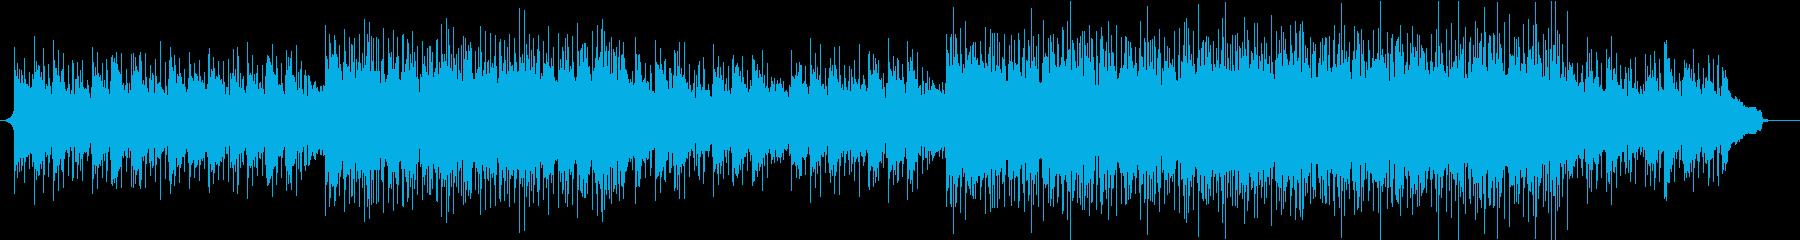 VP系18/フル、高揚感、躍動感ロックの再生済みの波形